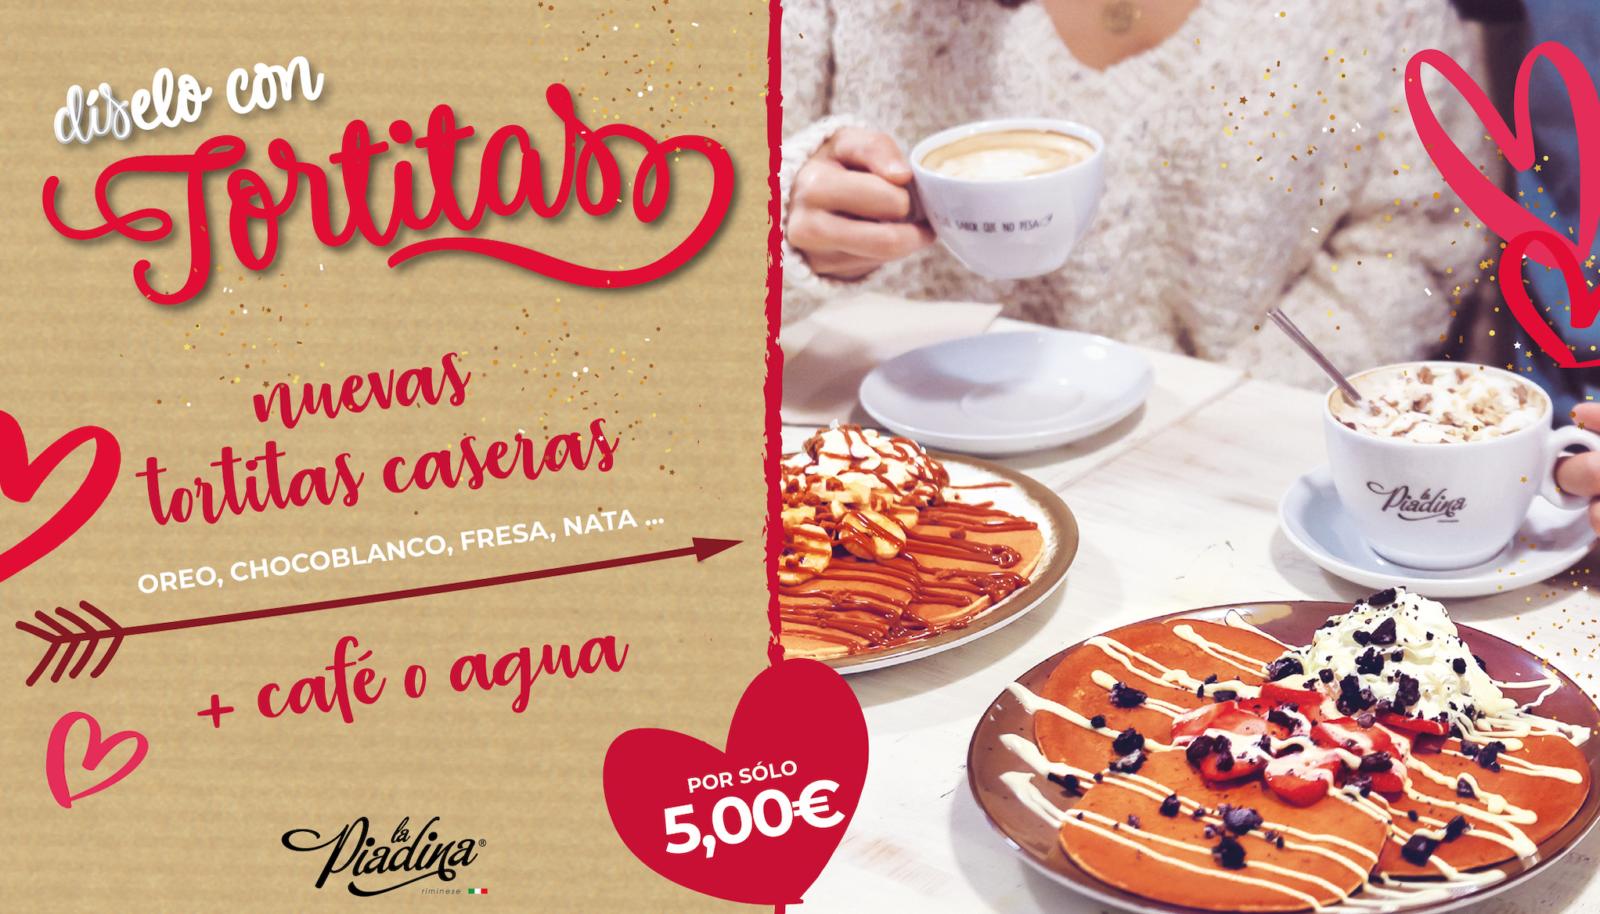 Tortitas Caseras Nuevas & Deliciosas